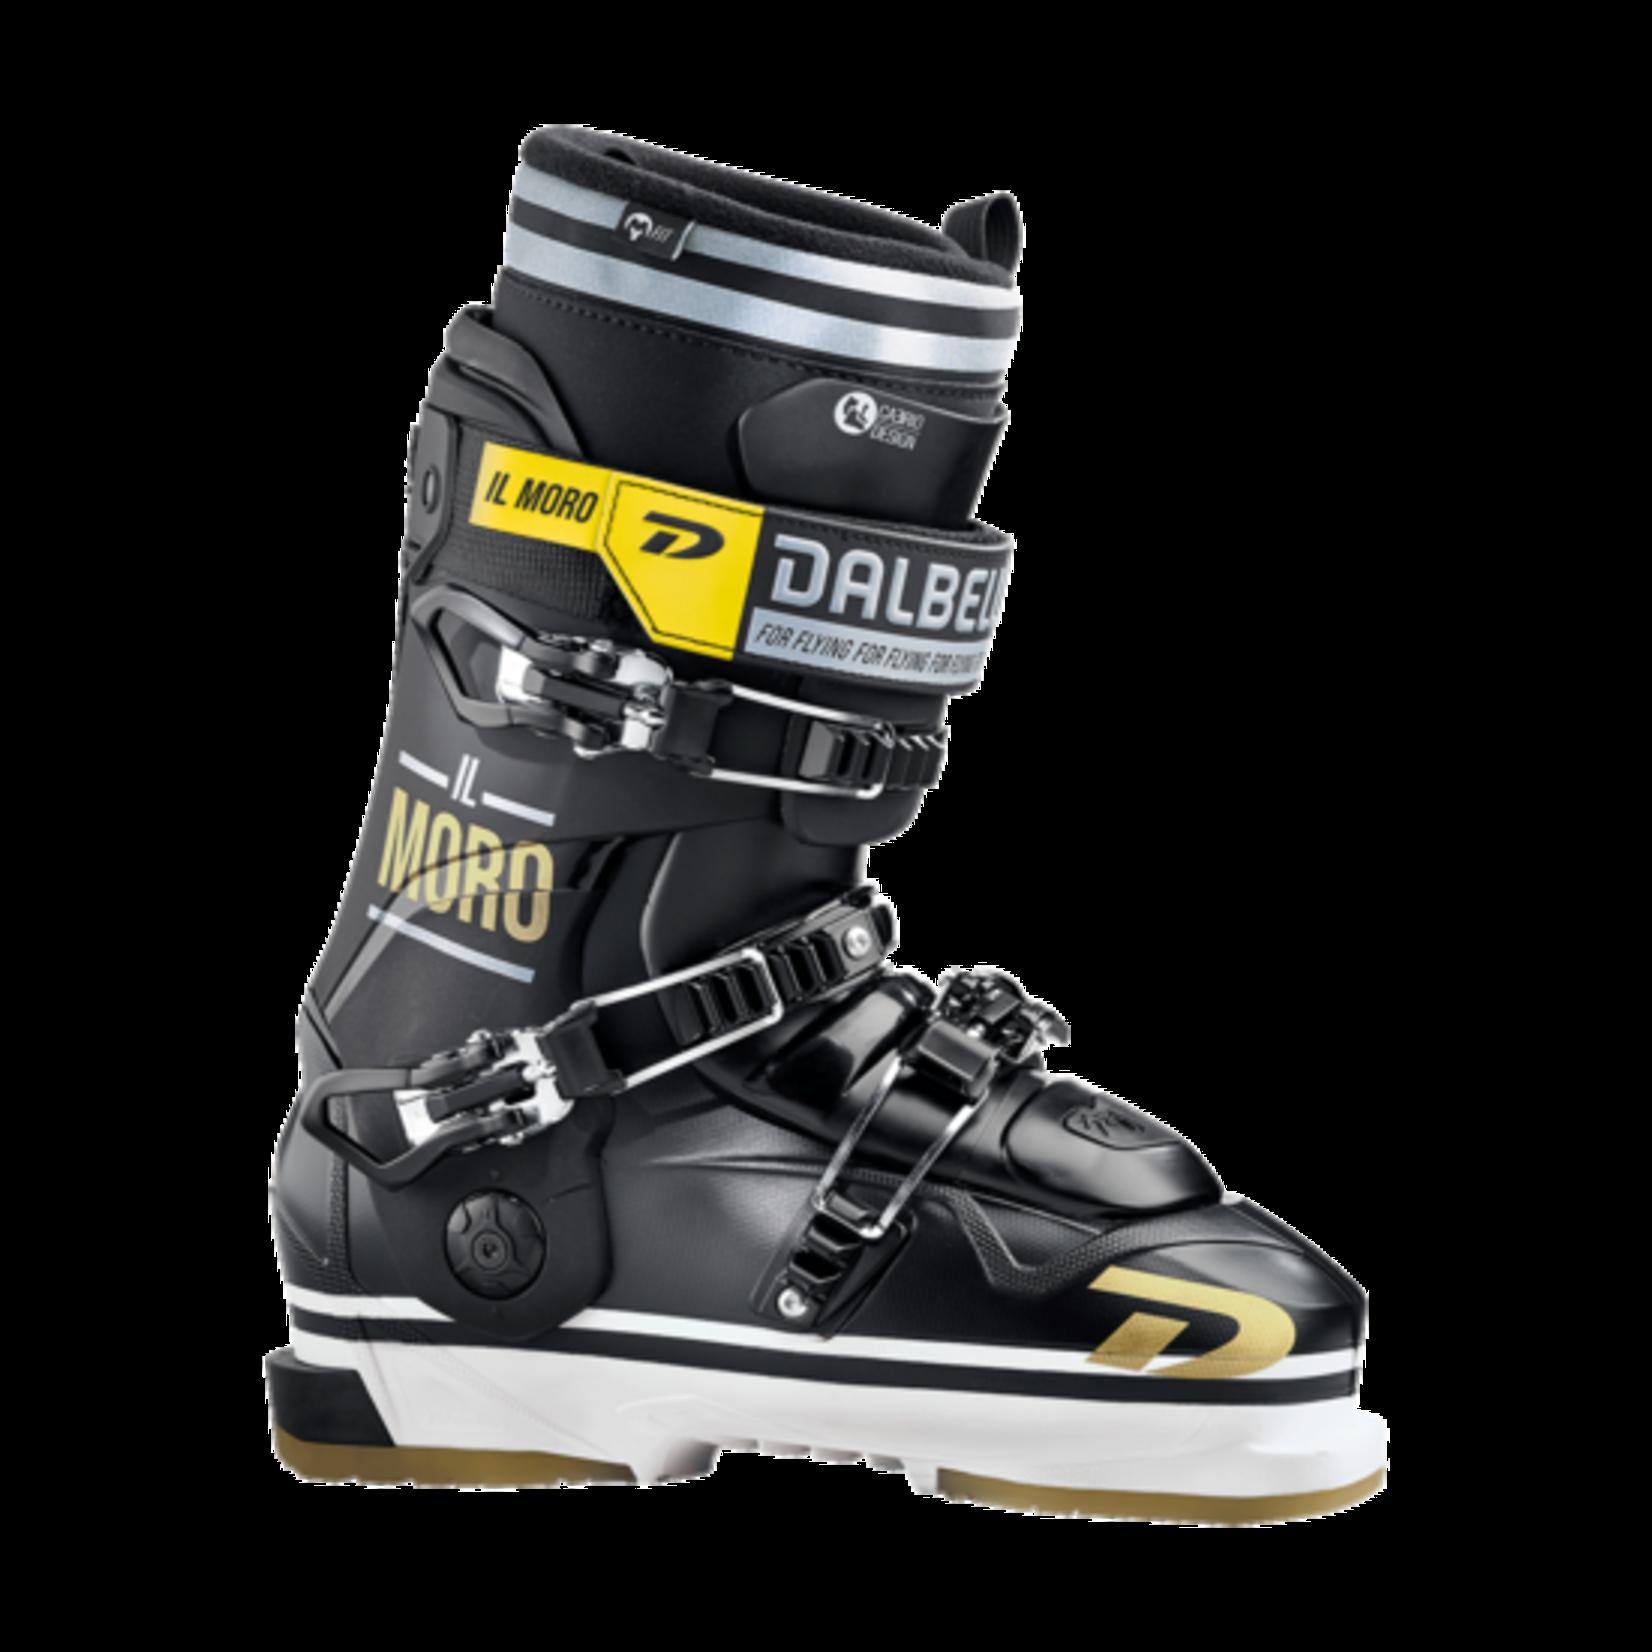 Dalbello Dalbello Men's IL Moro Uni Sublimation Ski Boots 2022